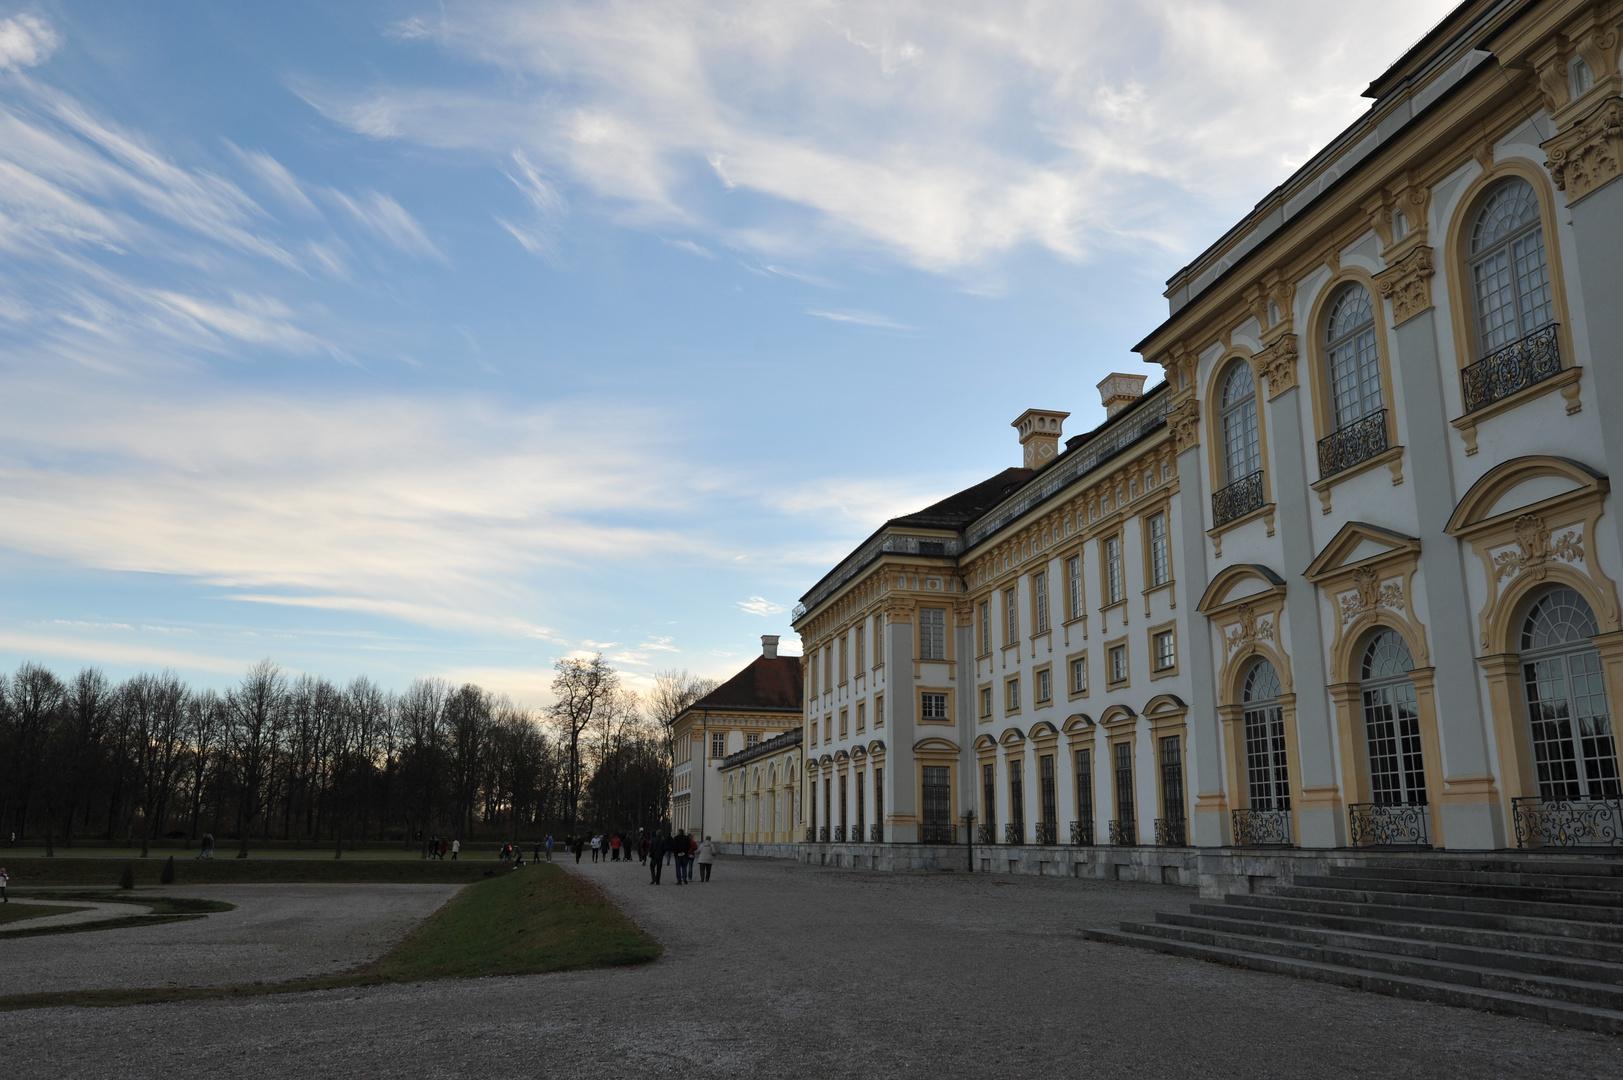 Schlosspark_Oberschleissheim_an_einem_schoenen_warmen_Sonntag_05